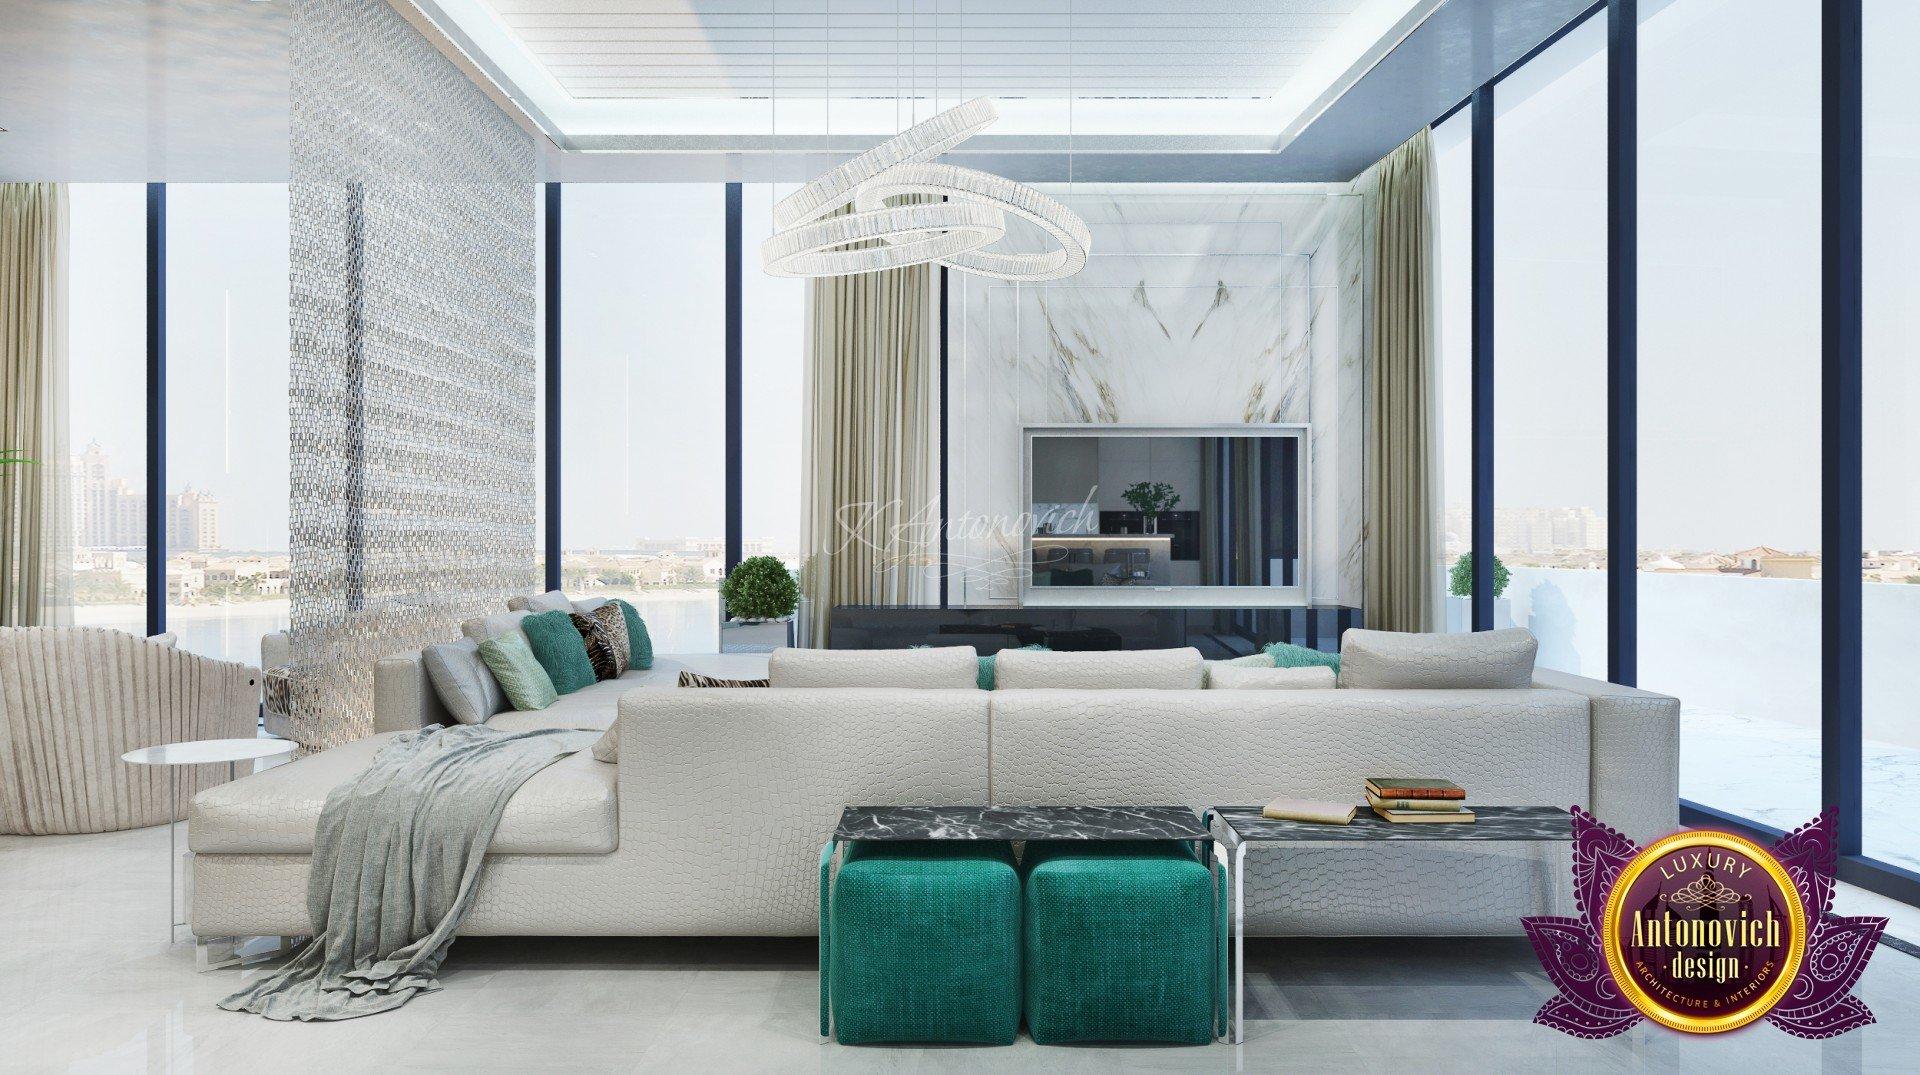 New York Apartments Interior Design Blog Novocom Top